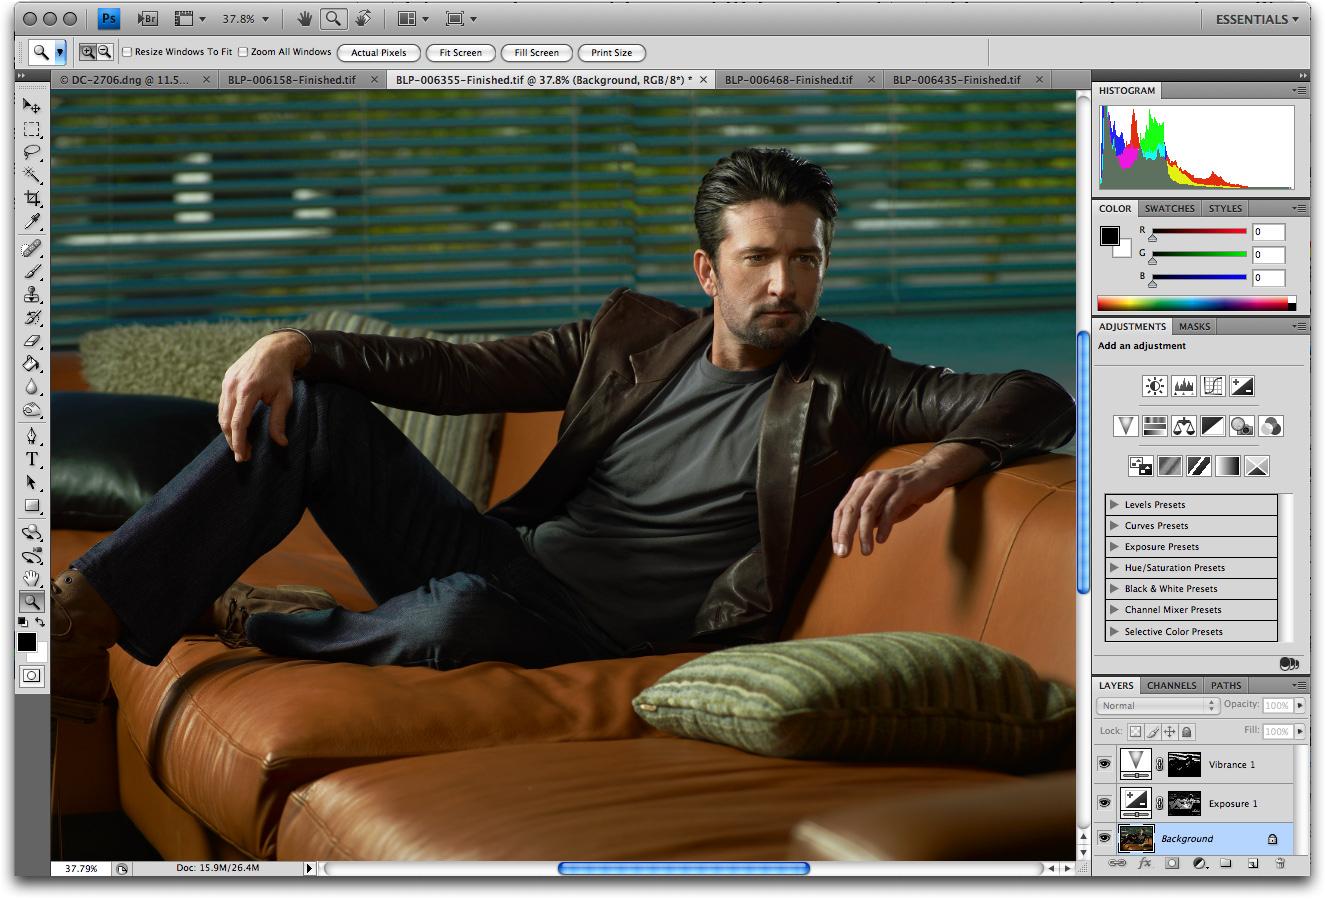 Adobe Photoshop Cs4 Extended Keygen Torrent